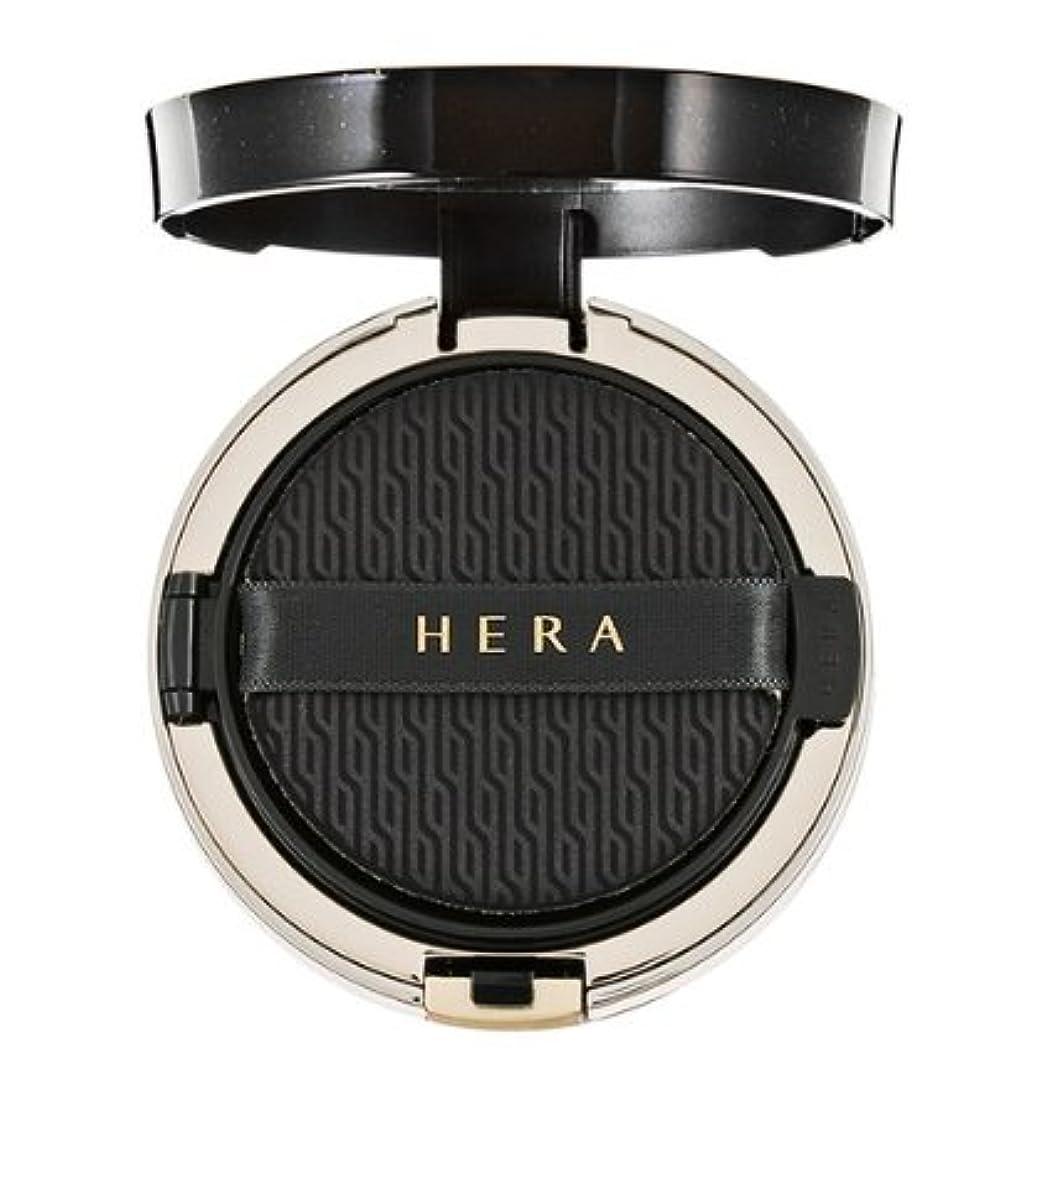 こどもの日物足りない洪水(ヘラ) Hera ブラッククッション SPF34/PA++ 本品15g+リフィール15g / Black Cushion SPF34/PA++ 15g+Refil15g (No.21 banila) (韓国直発送) shumaman